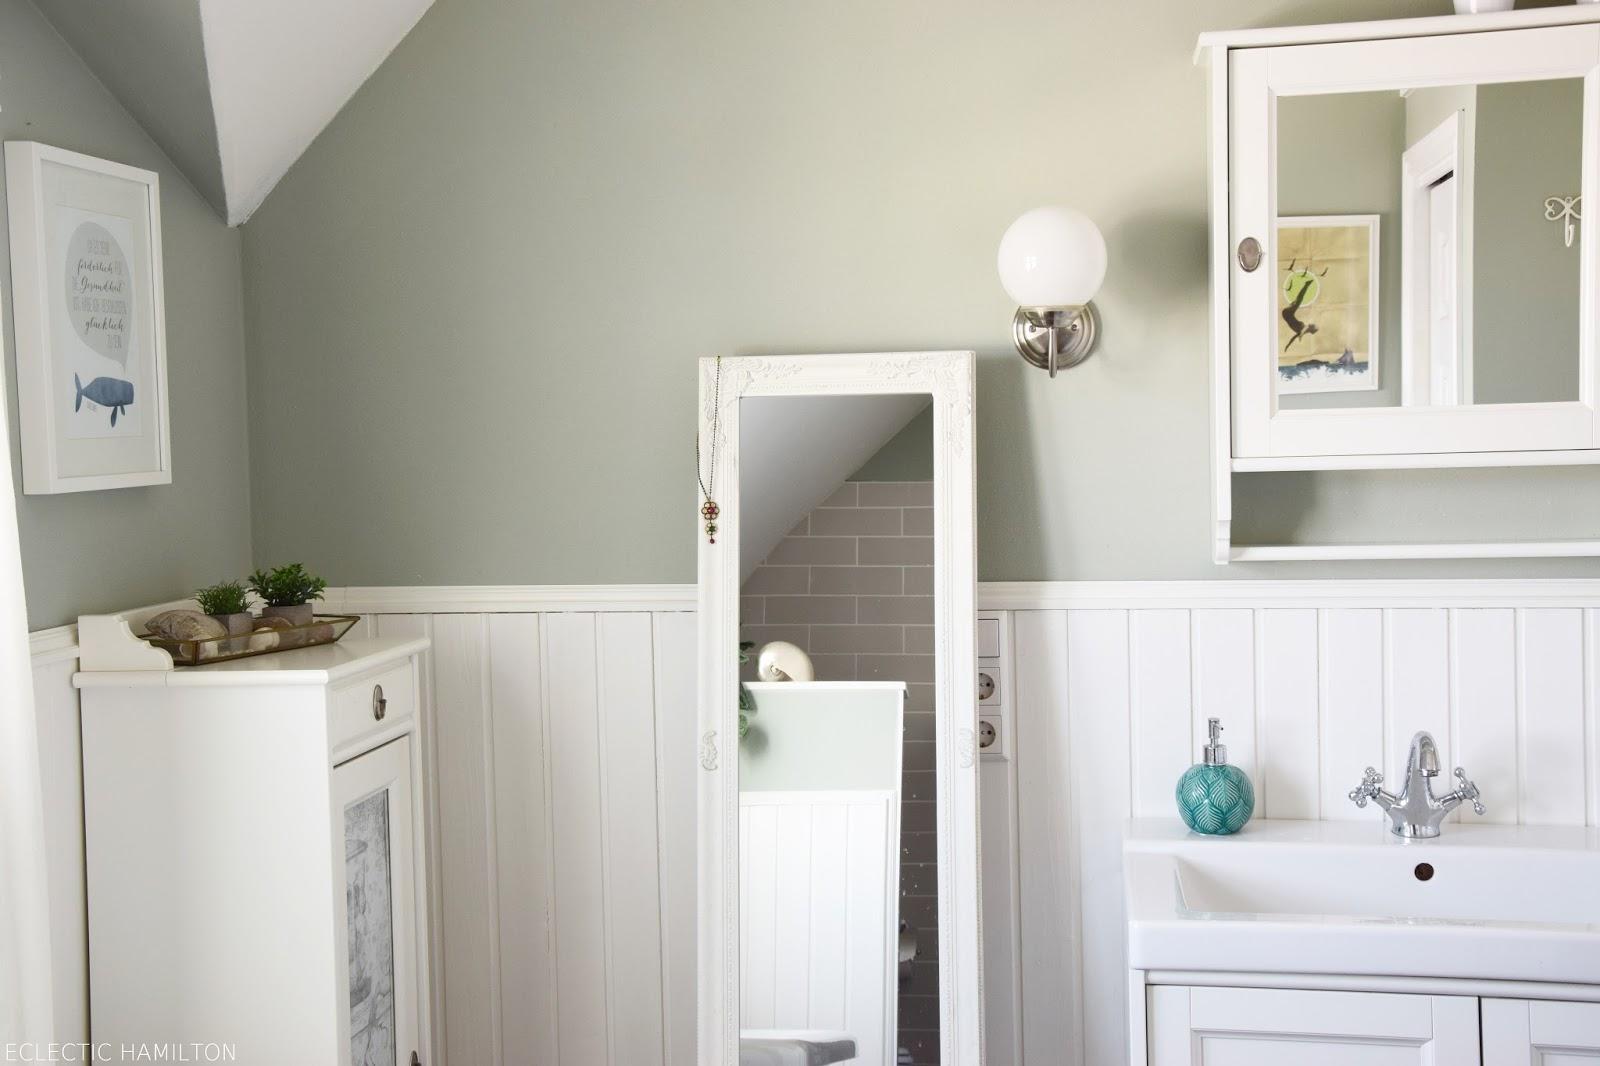 meine badezimmer deko und gute gedanken hinter glas eclectic hamilton. Black Bedroom Furniture Sets. Home Design Ideas